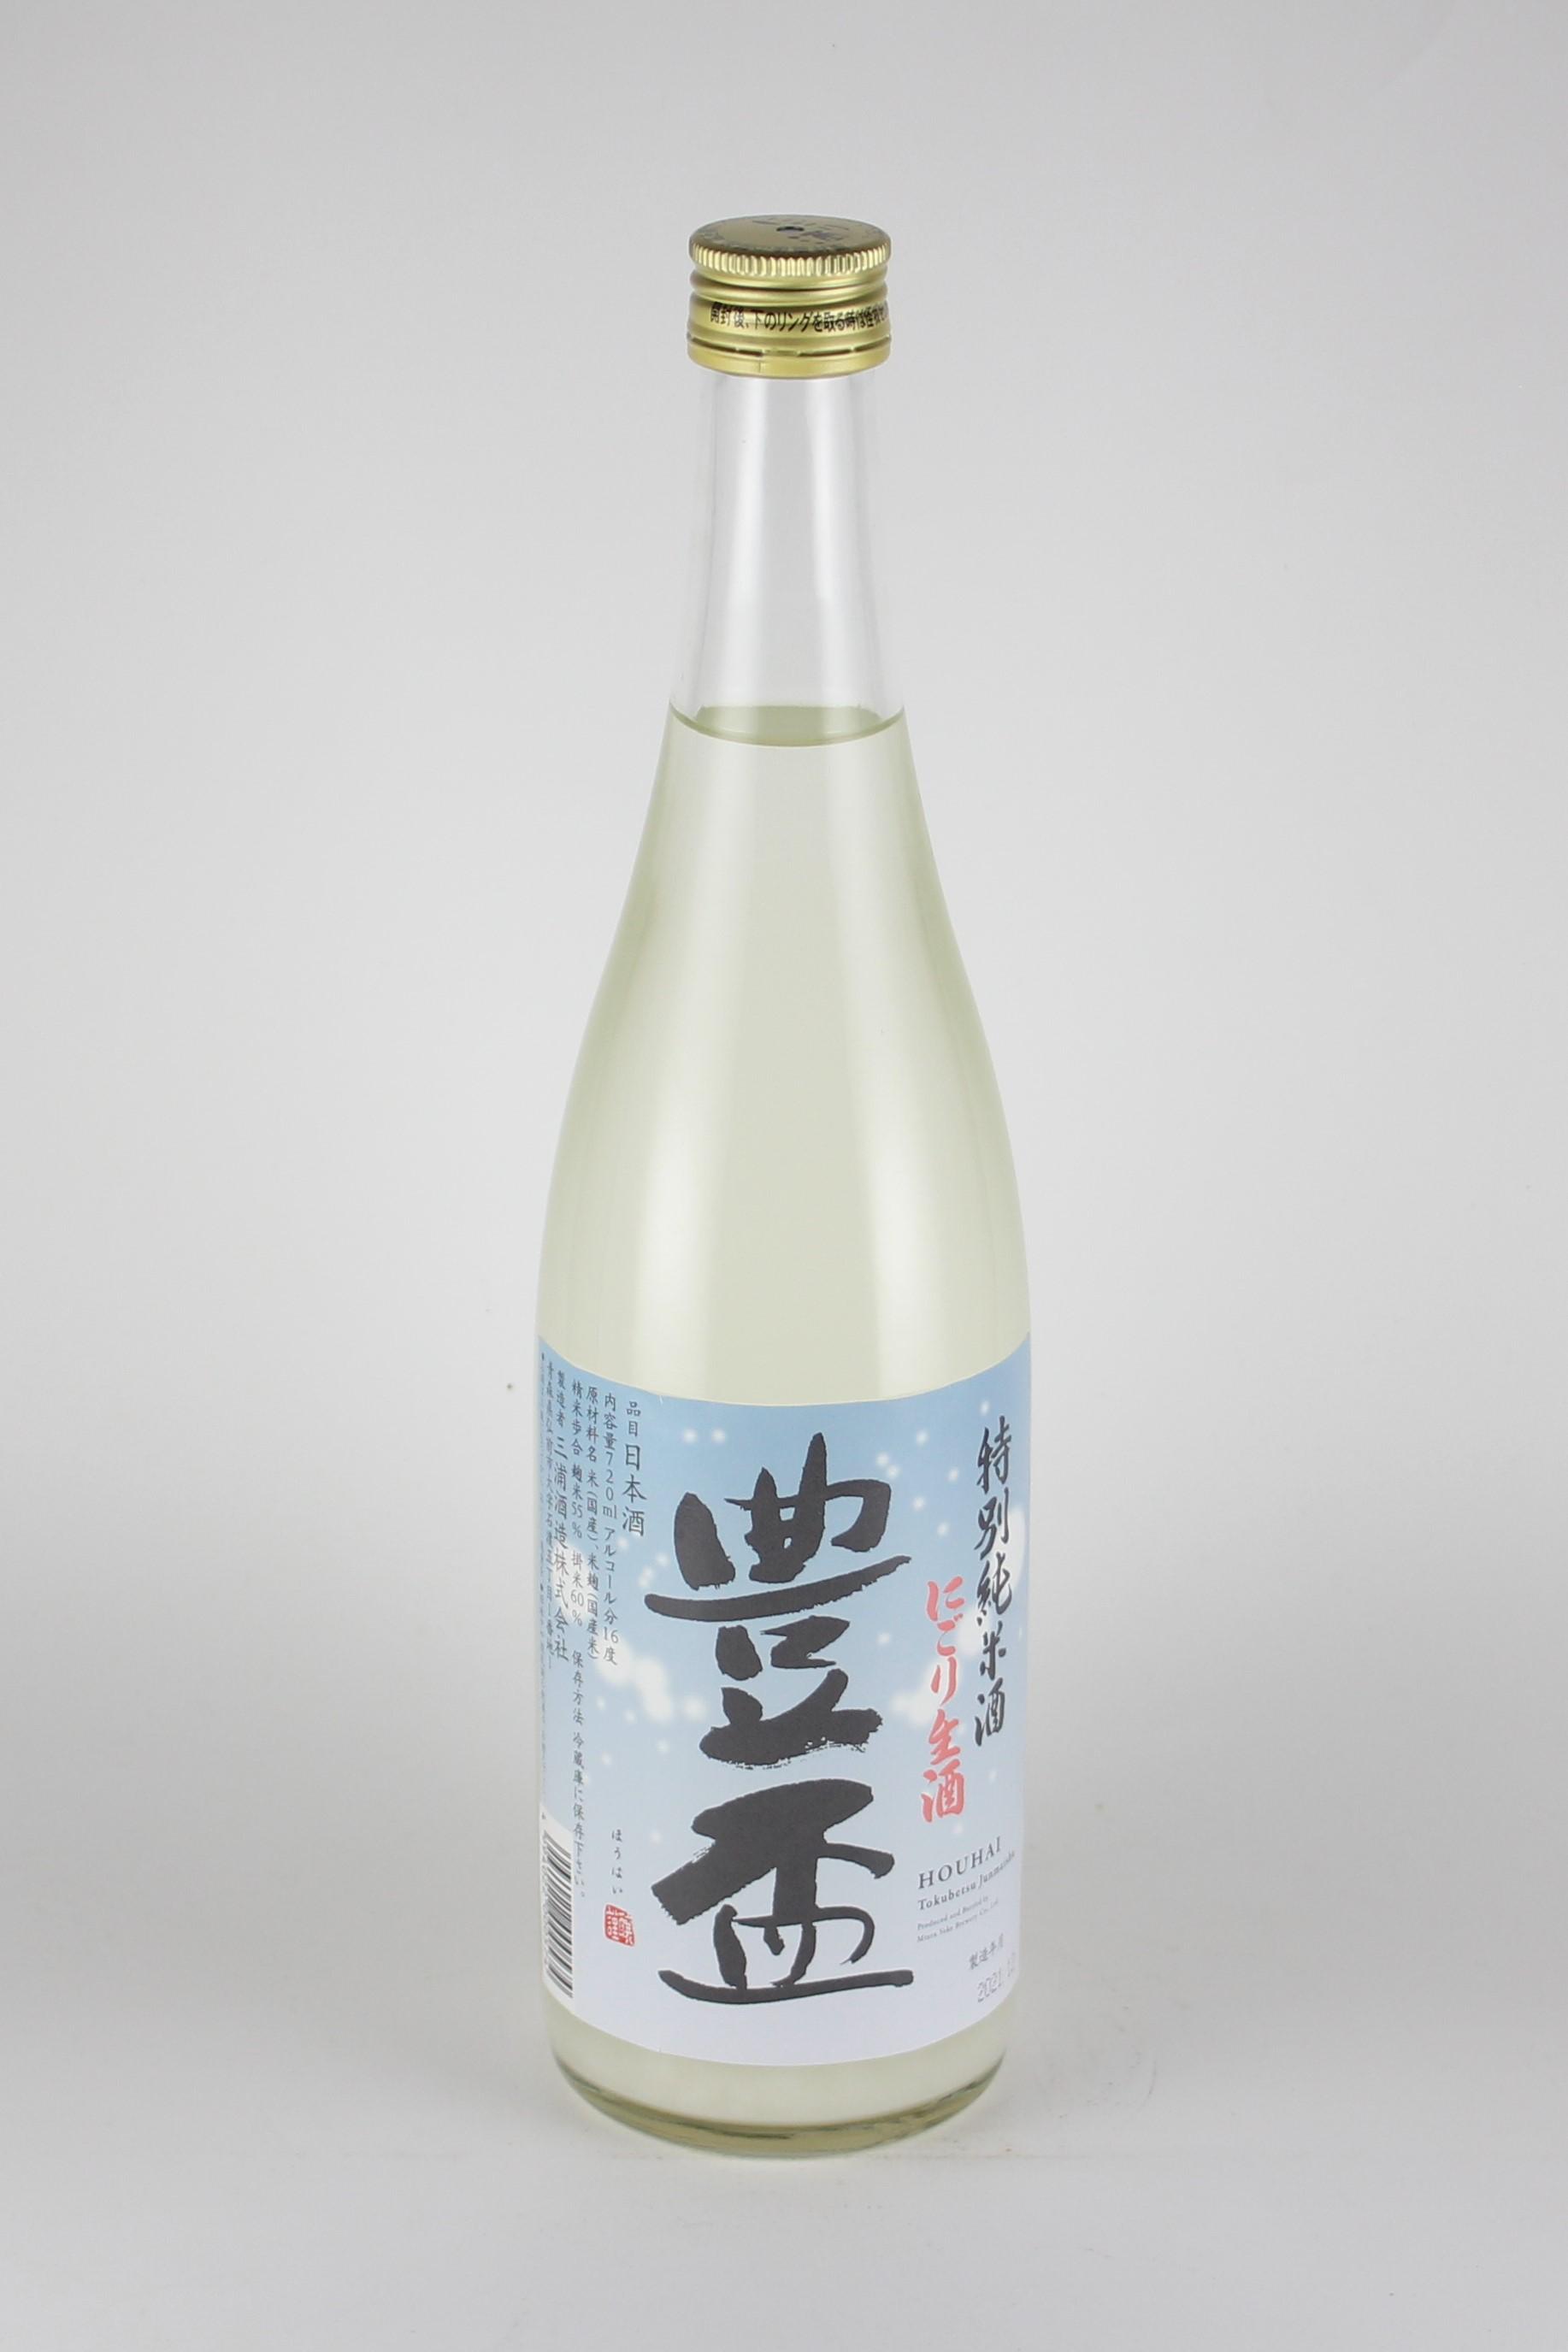 豊醇無盡たかちよ 桃ラベル 純米無濾過無調整生原酒 KASUMIかすみ酒 720ml 【新潟/高千代酒造】